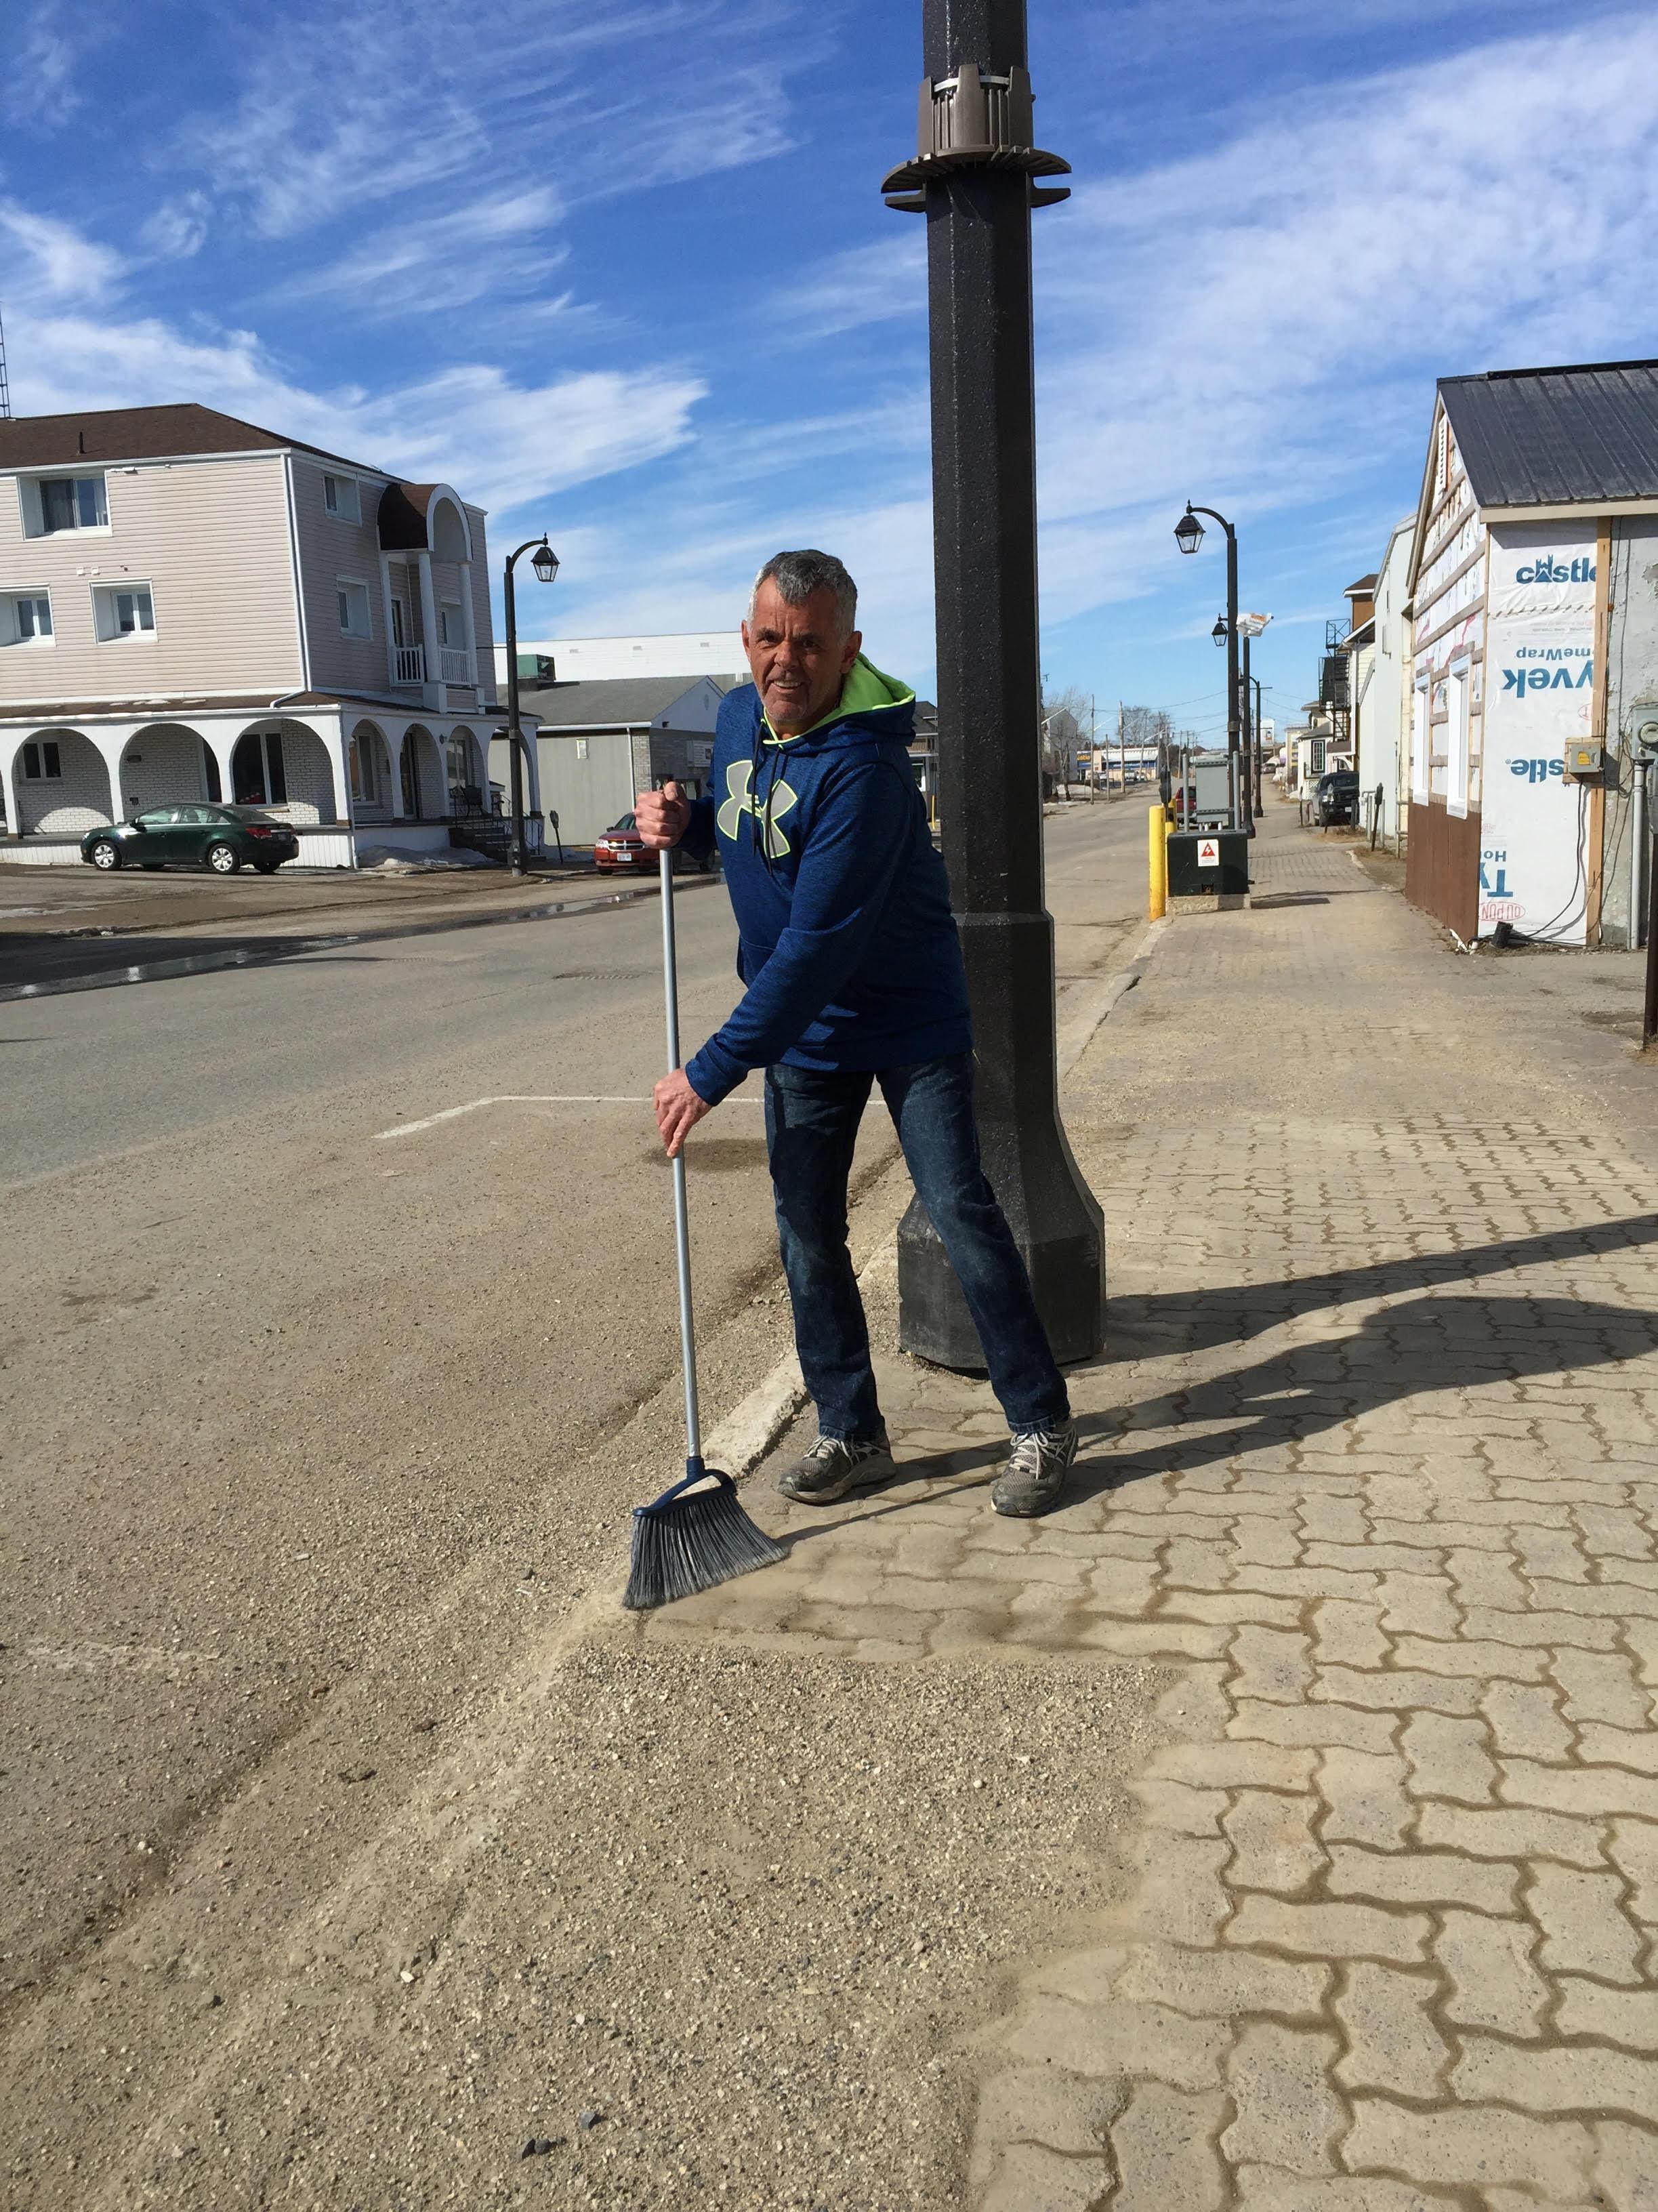 Un homme passe le balai dans une rue.